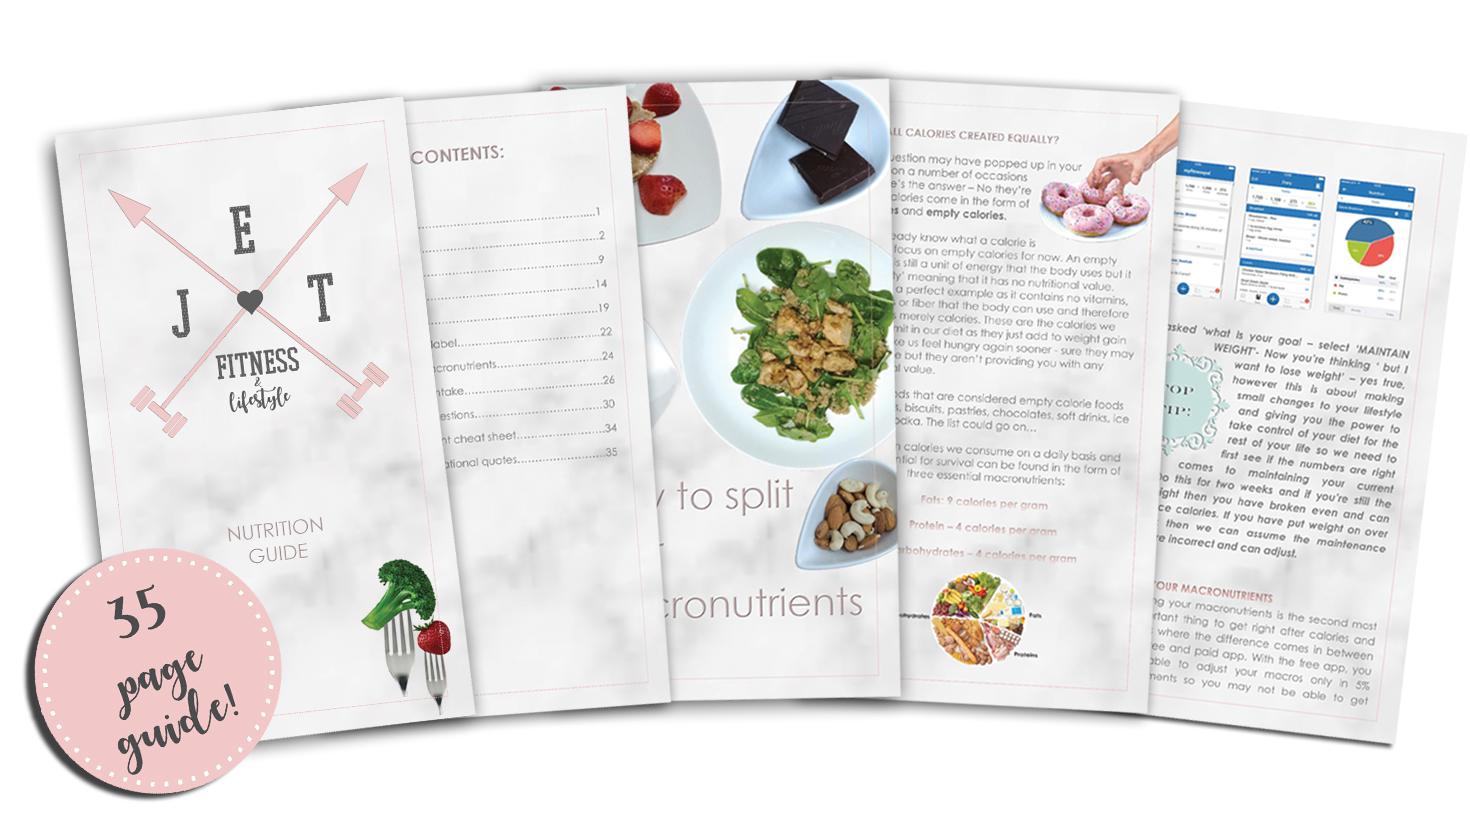 Nutrition guide sneak peek.jpg